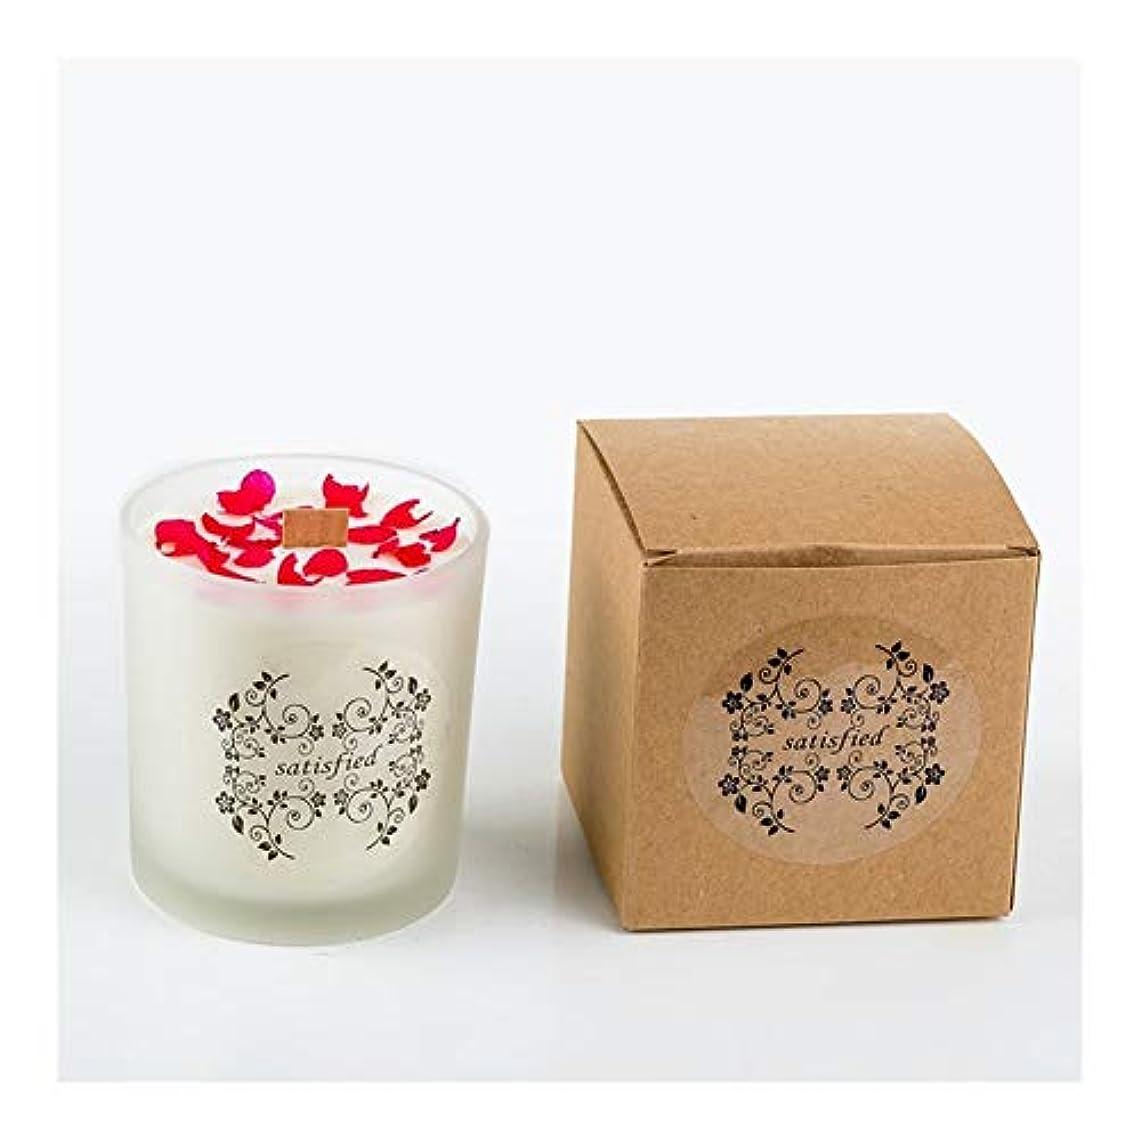 女将チャップリーンZtian ロマンチックな香りのキャンドルエッセンシャルオイル大豆ワックスガラスアロマセラピーロマンチックな誕生日ギフトの提案無煙の香り (色 : Xiang Xuelan)